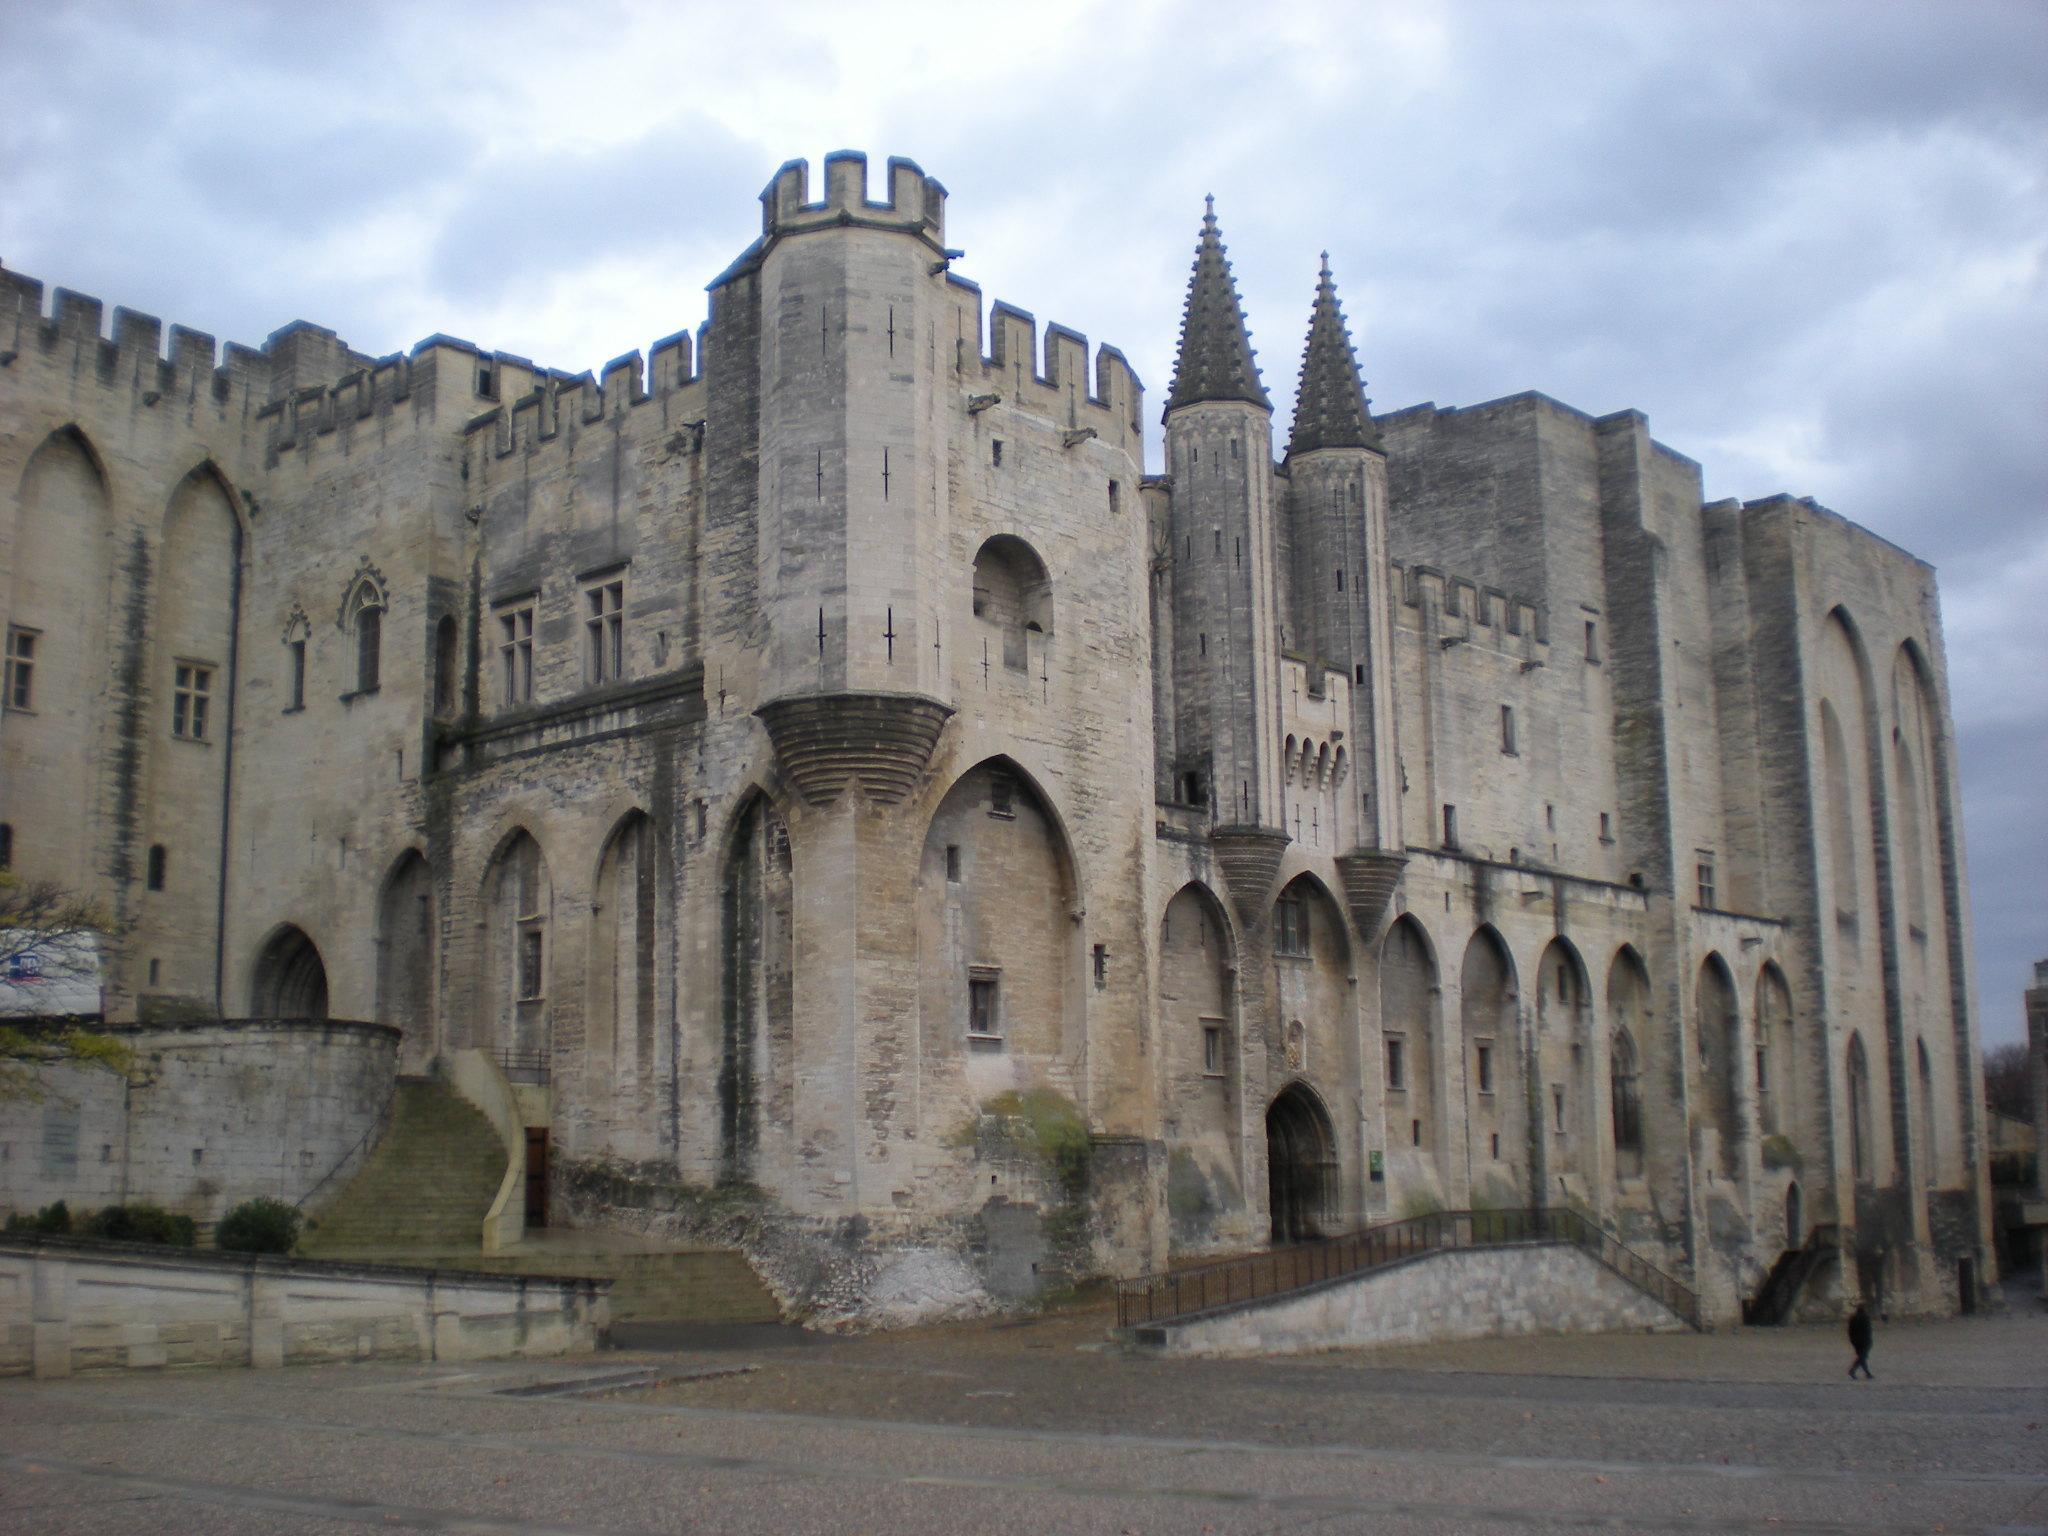 Palais et châteaux d'Europe